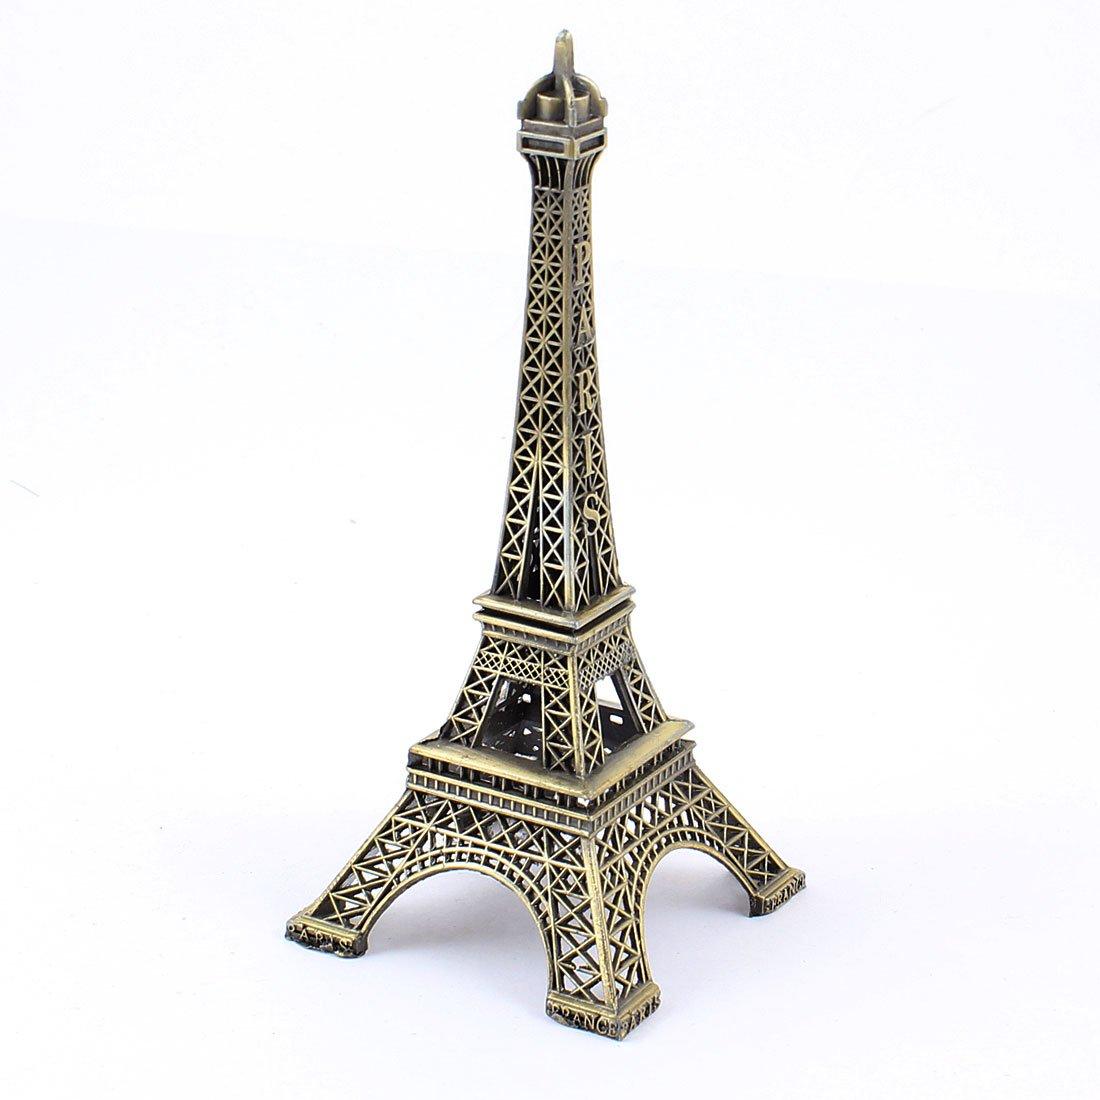 Metallic eiffel tower home decor 13cm paris bronze tone for Paris decorations for home